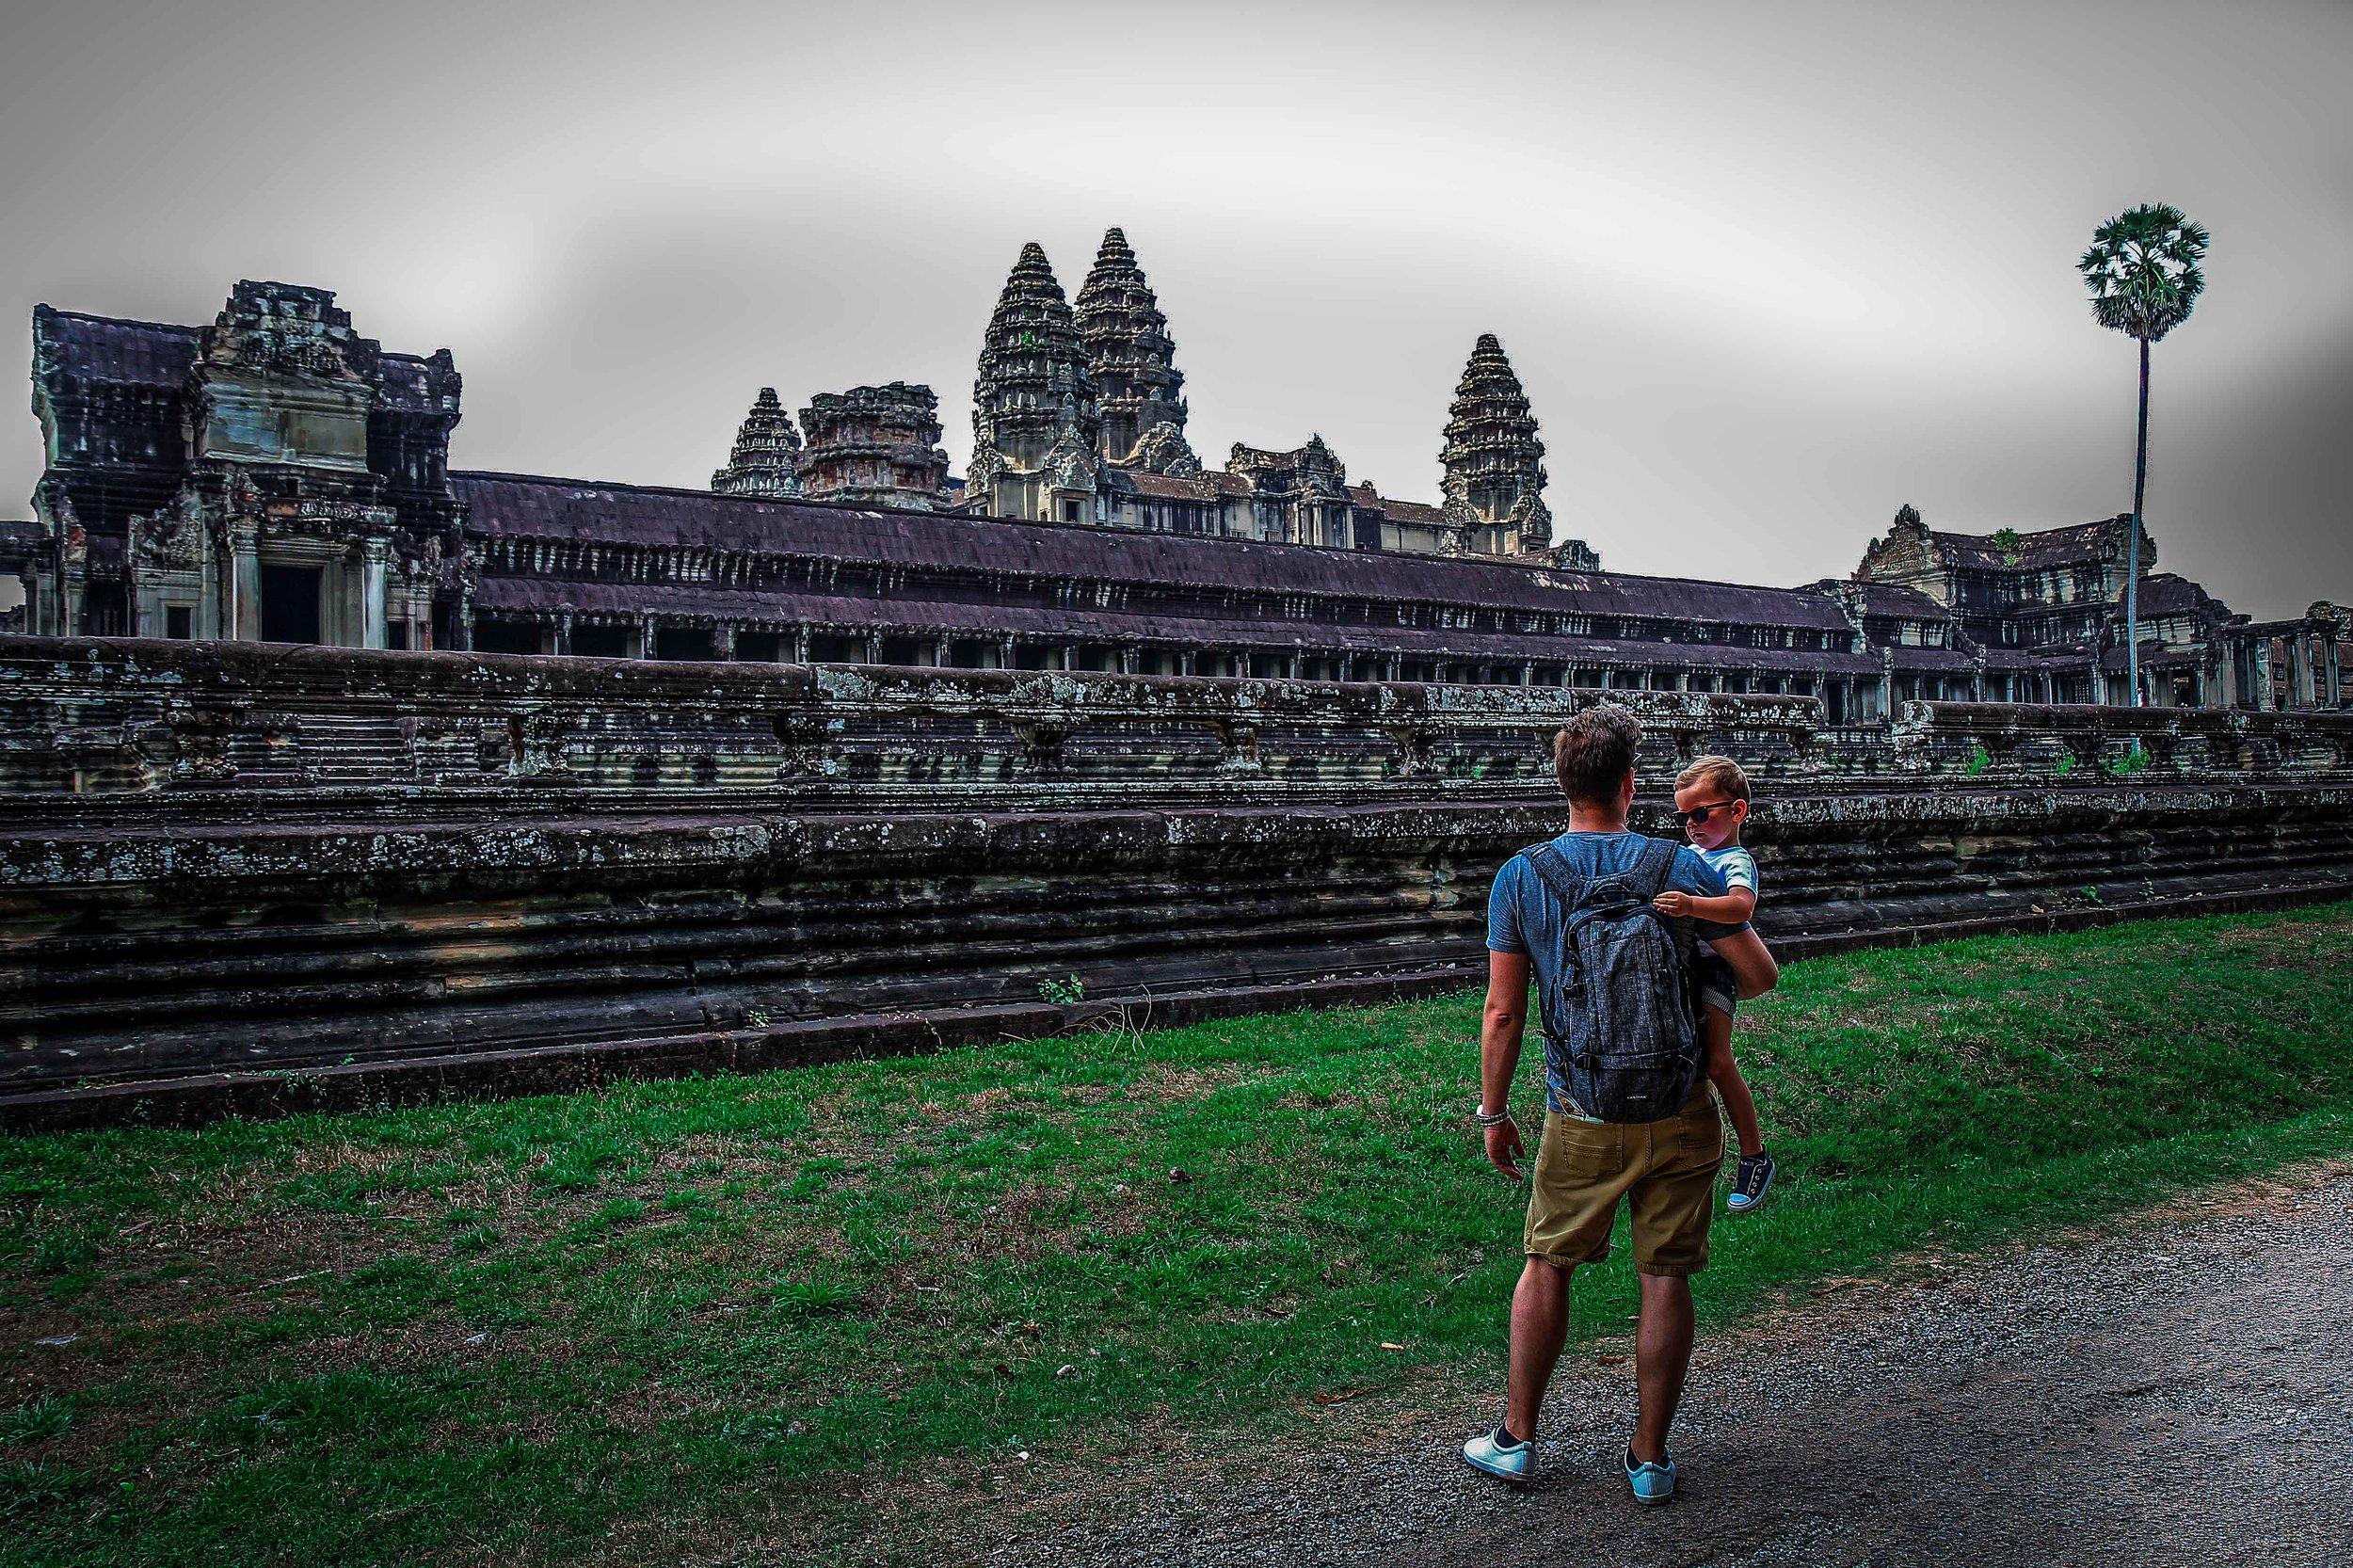 Ankor_wat_cambodia_reizen_met_kinderen.jpg